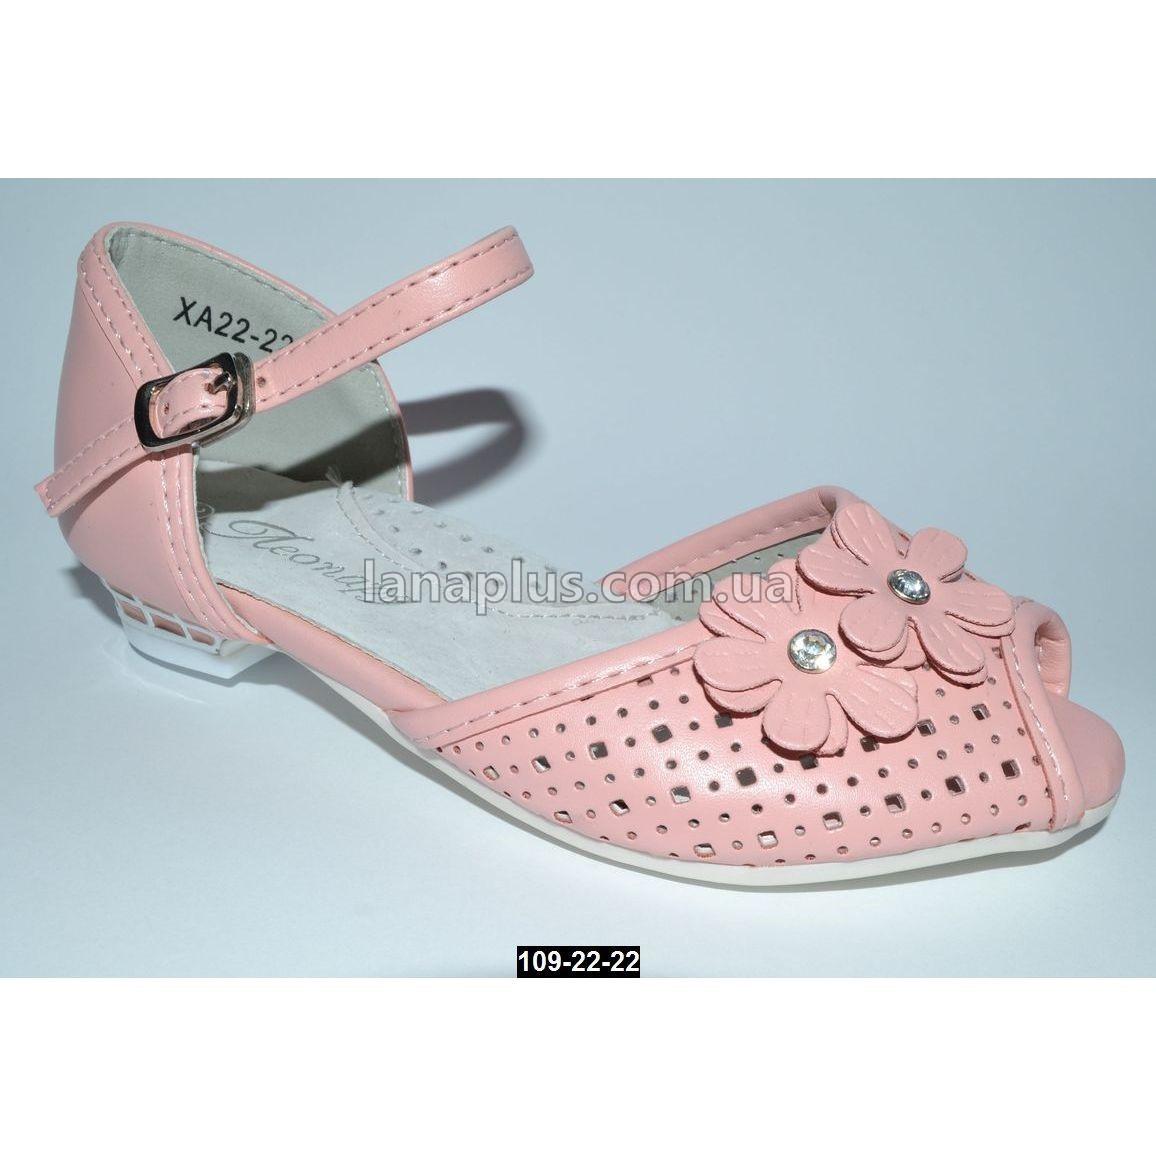 Нарядные босоножки, туфли для девочки, 27 размер (18 см), супинатор, кожаная стелька, 109-22-22